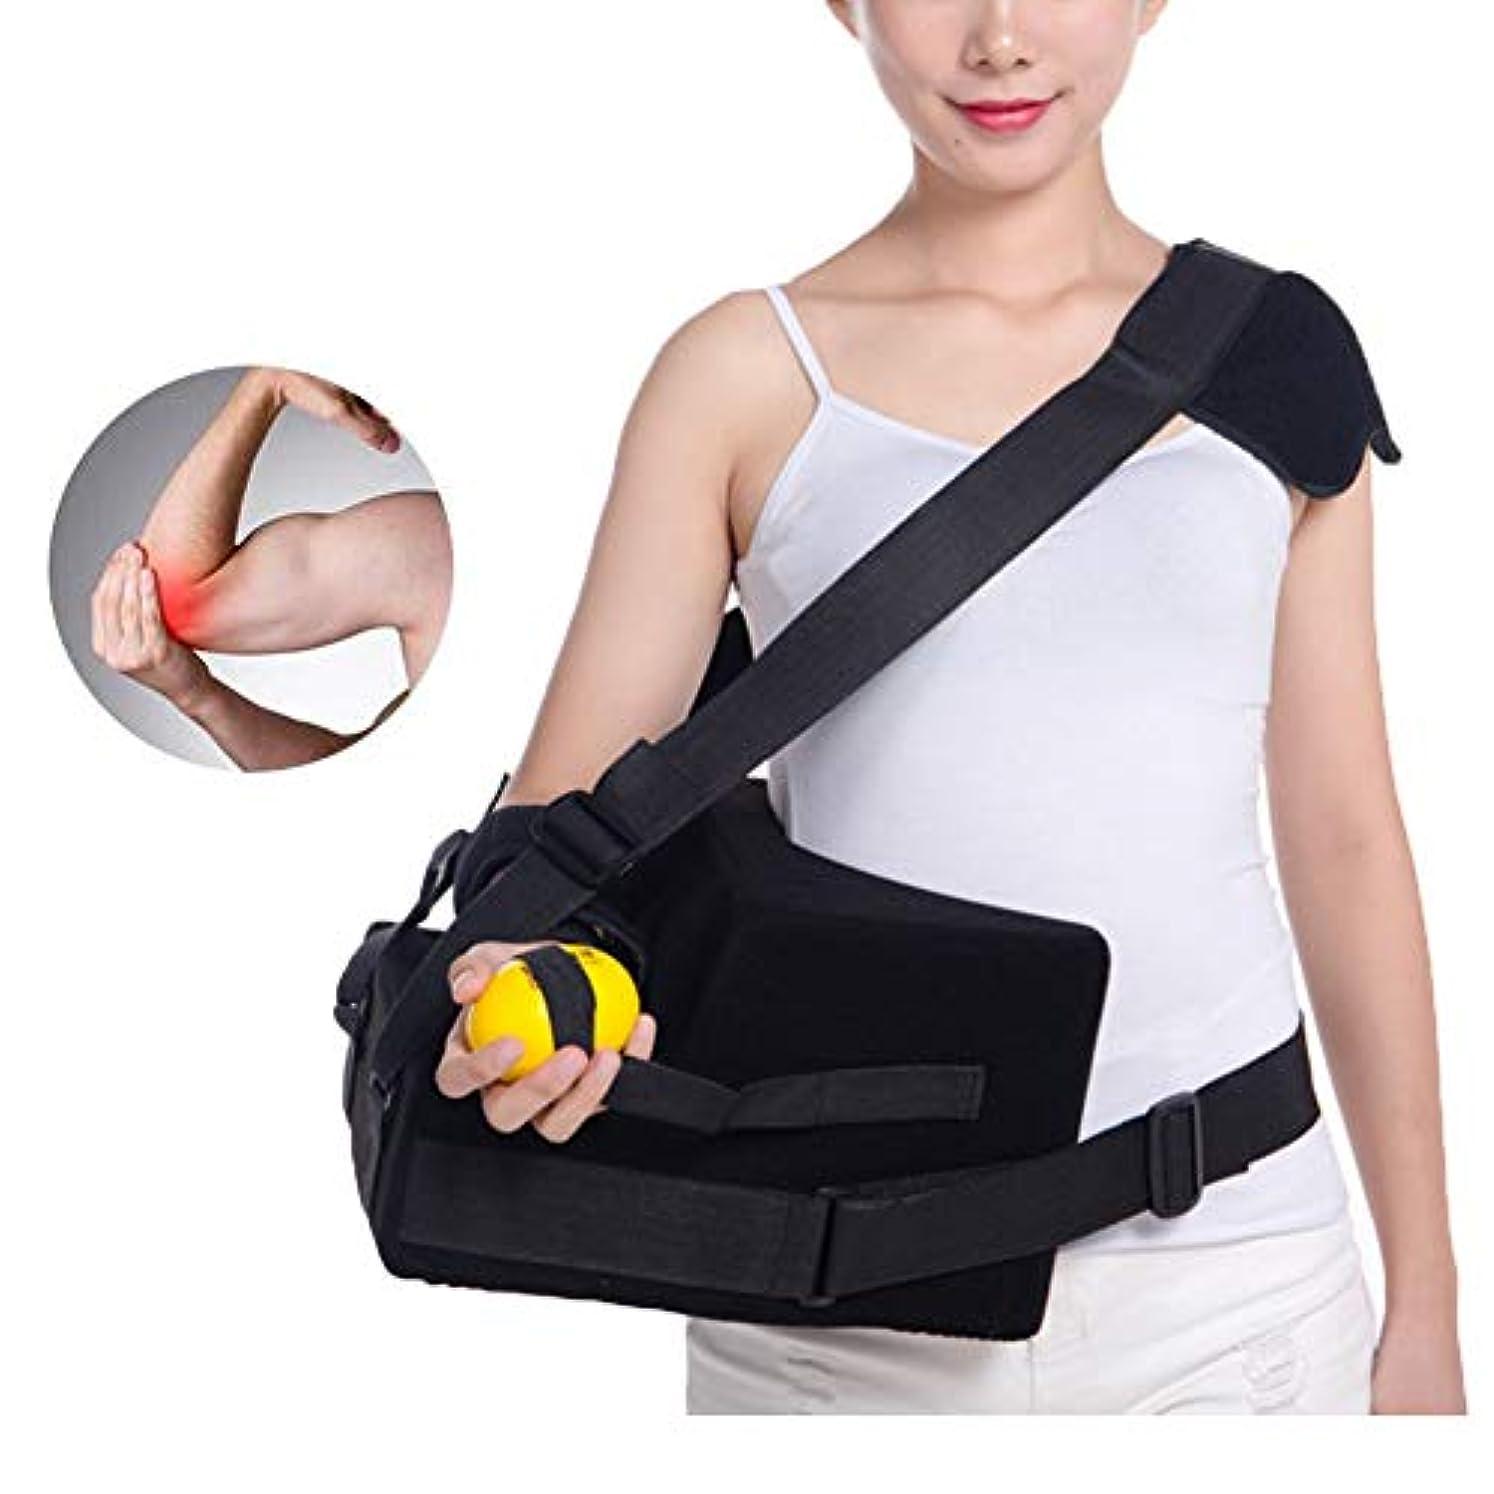 ギャラリー寄付順応性のある腕のスリングの肘サポートブレース肩外転ベルト骨折、腕の骨折、手首、肘、肩のけがの軽減とサポート、ワンサイズ - ユニセックス